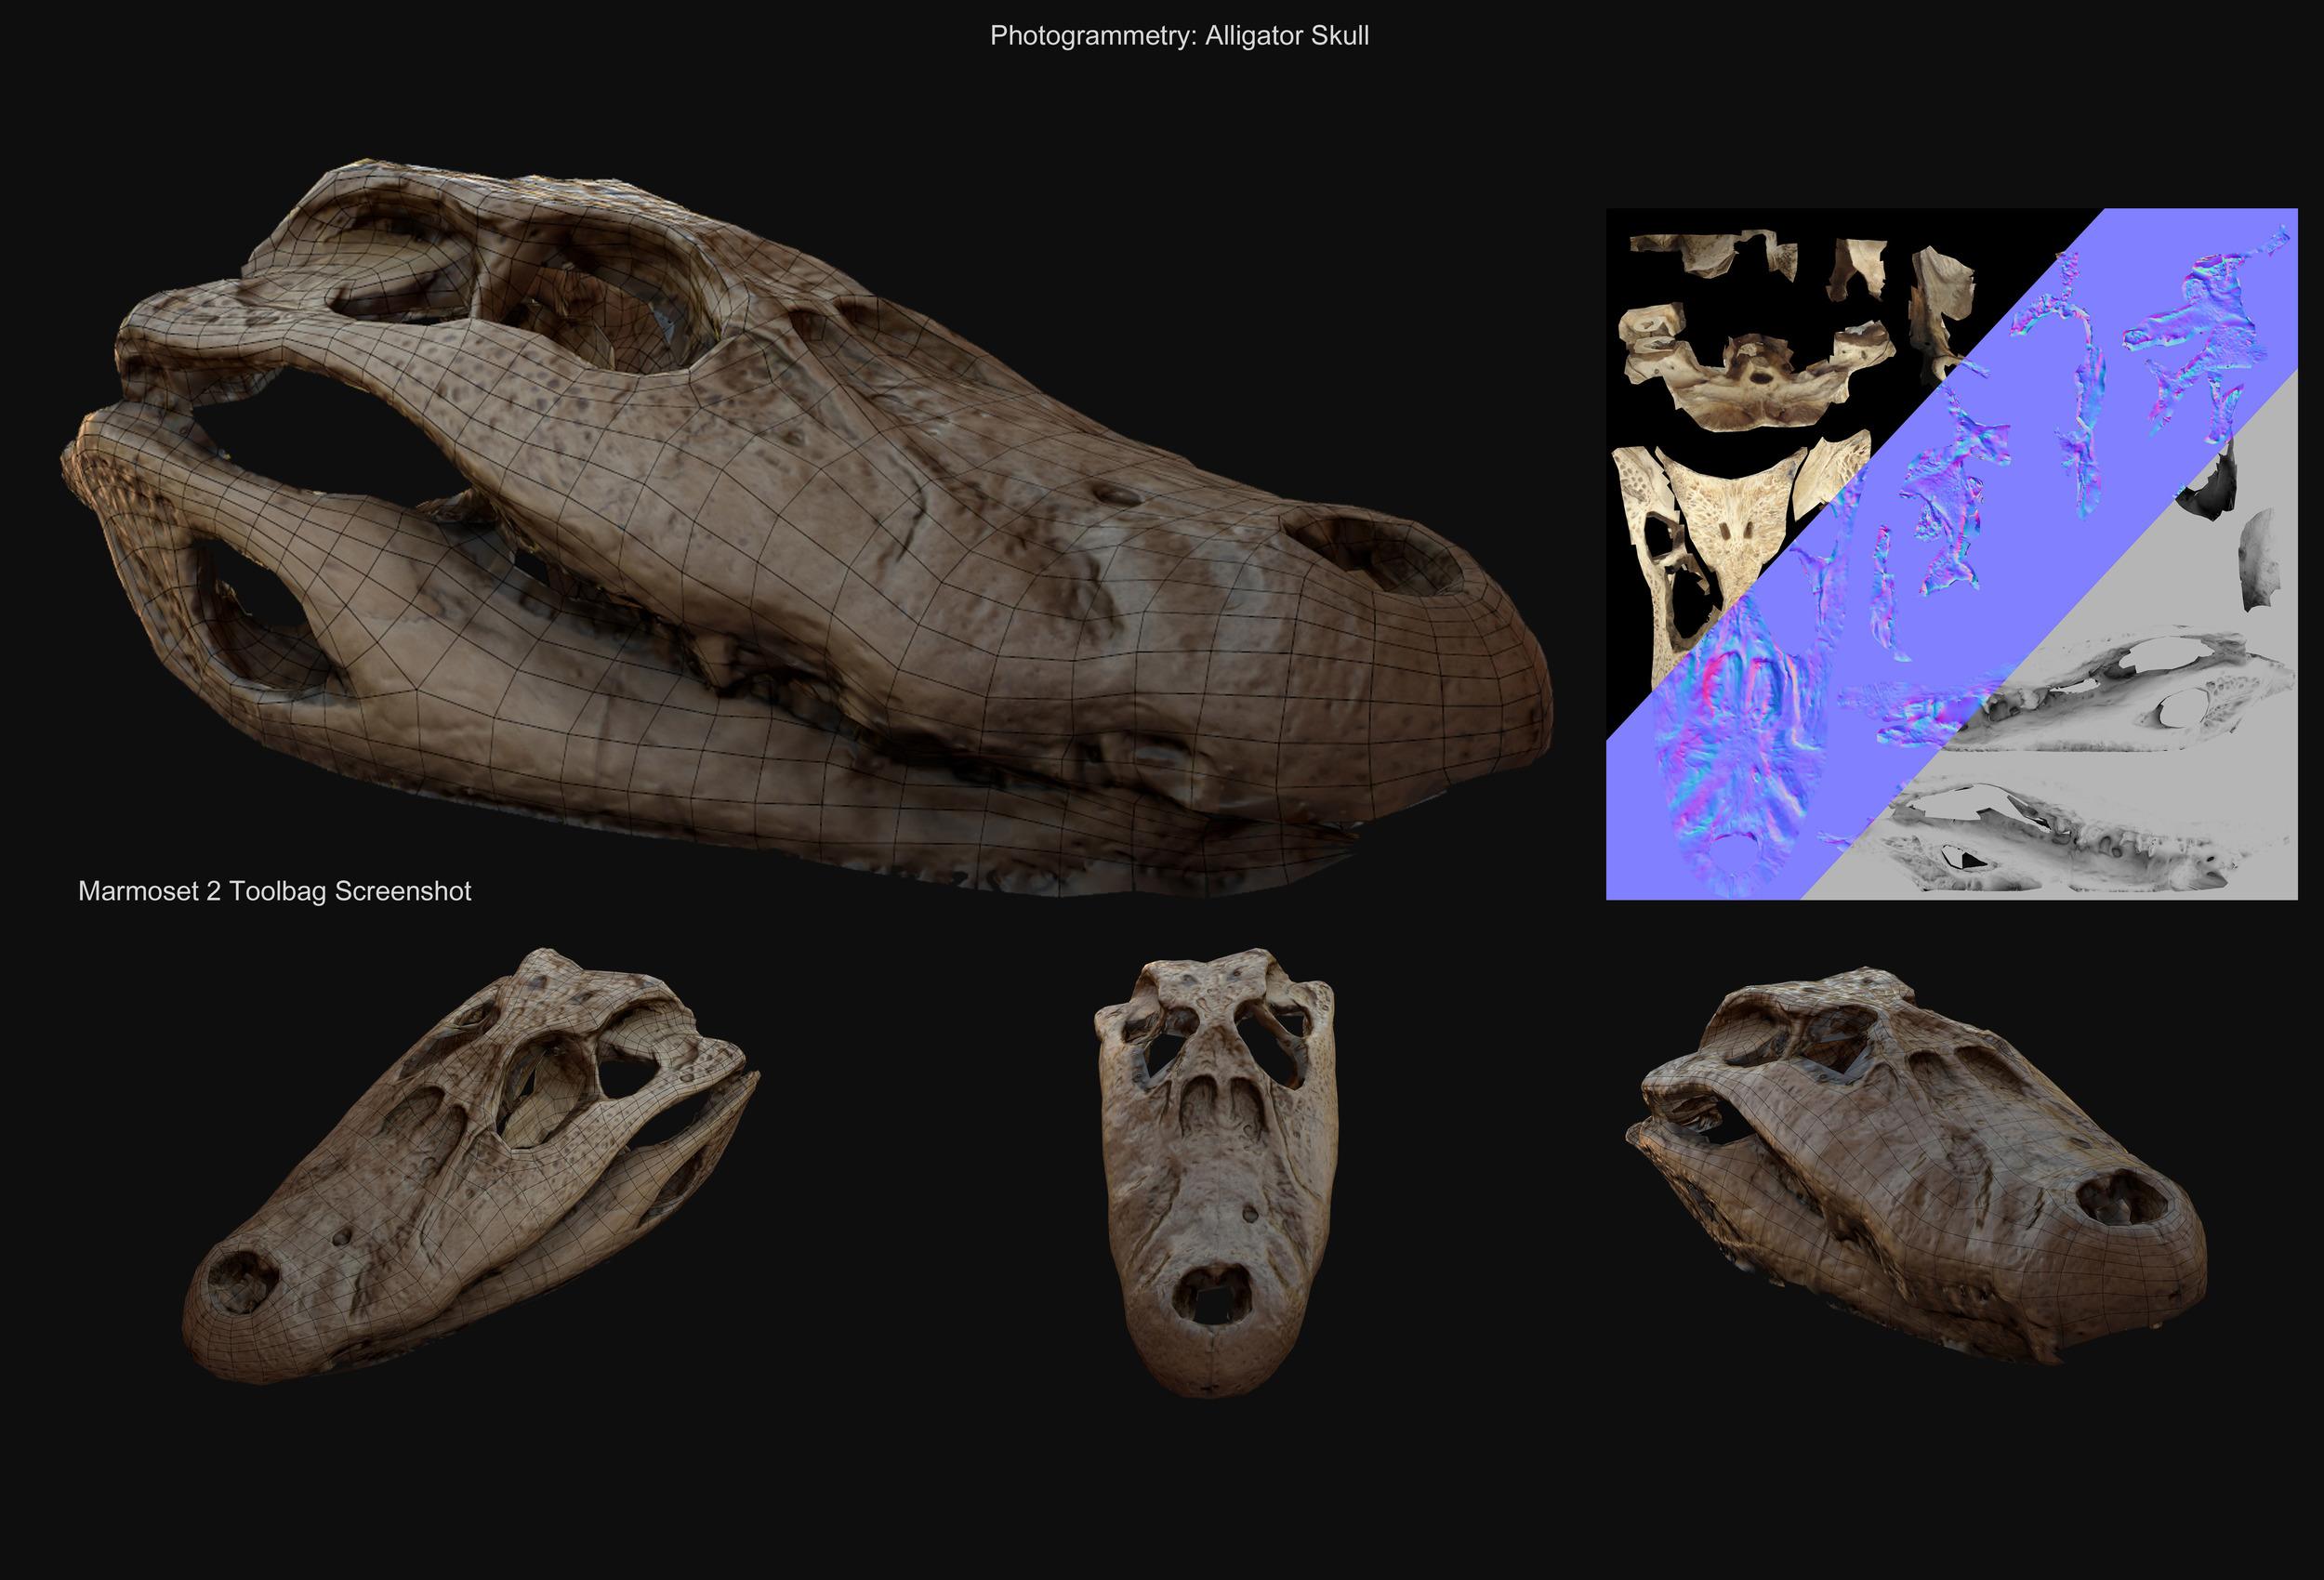 Alligator Skull - Model running in realtime engine. (Upper Right: Model textures) - David McDonald